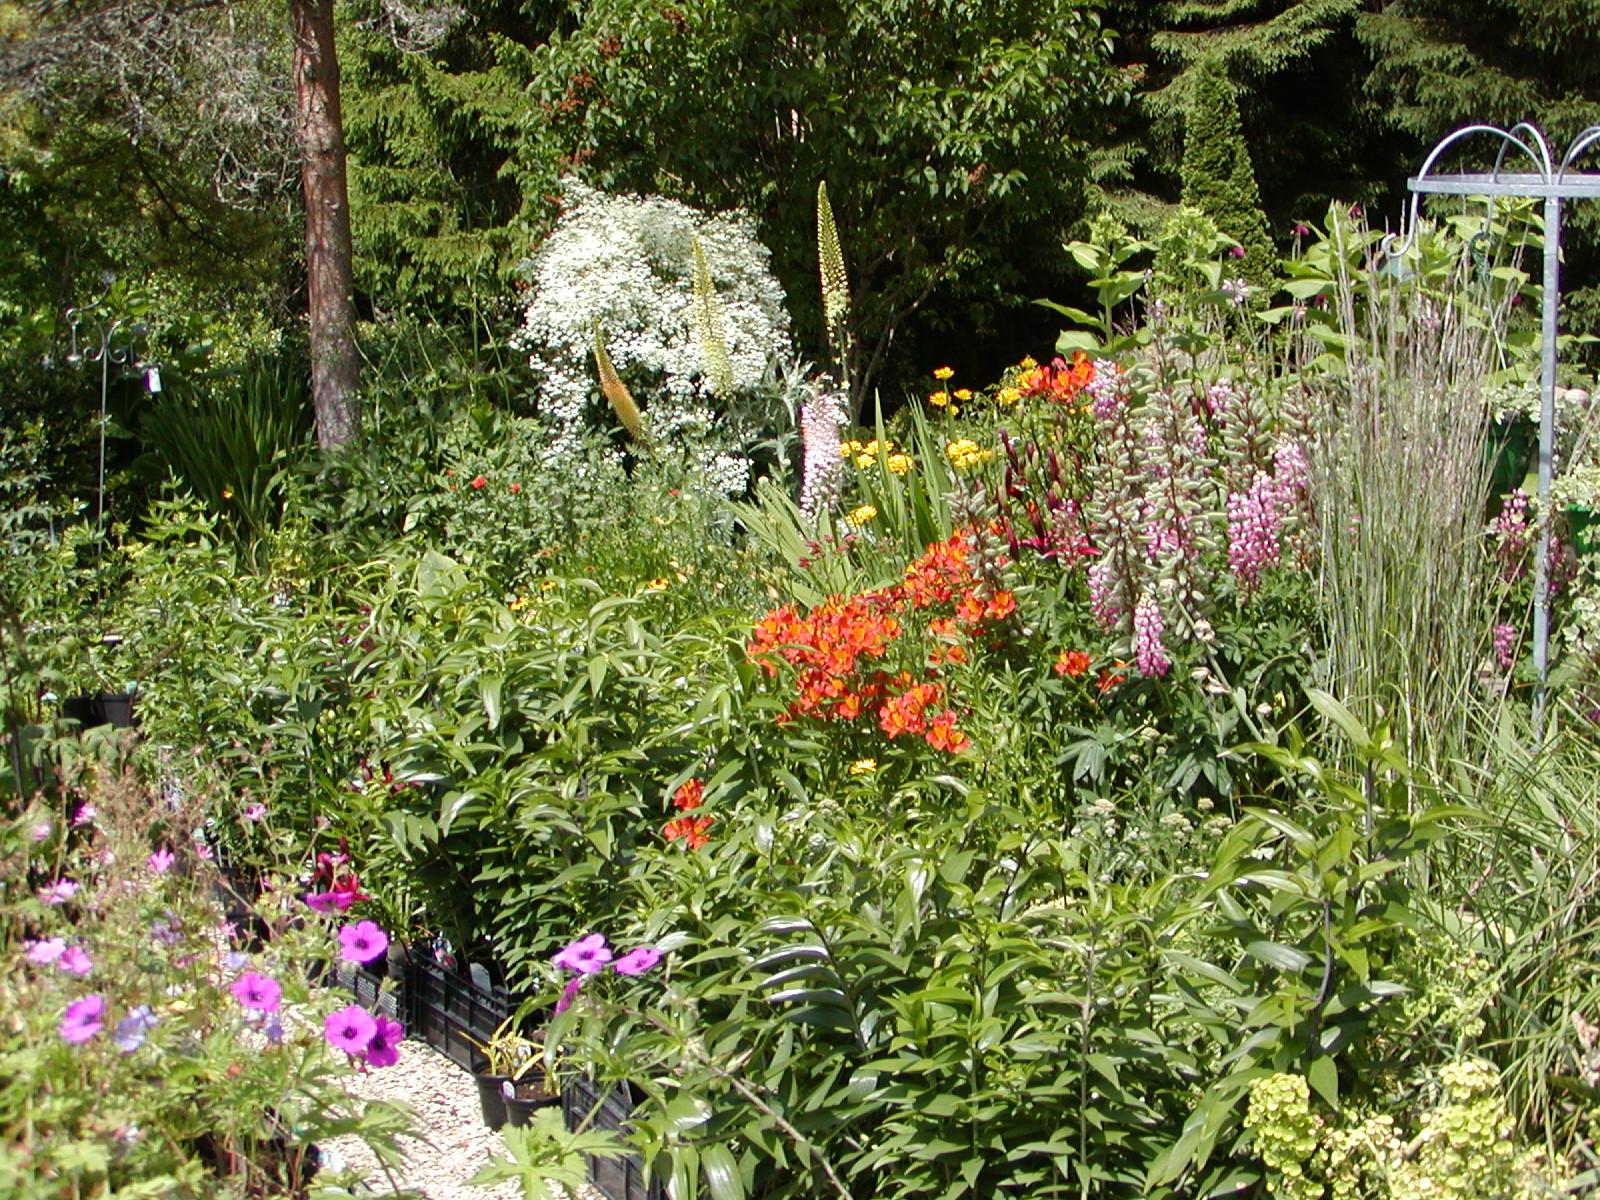 Garden-Jun-05 004